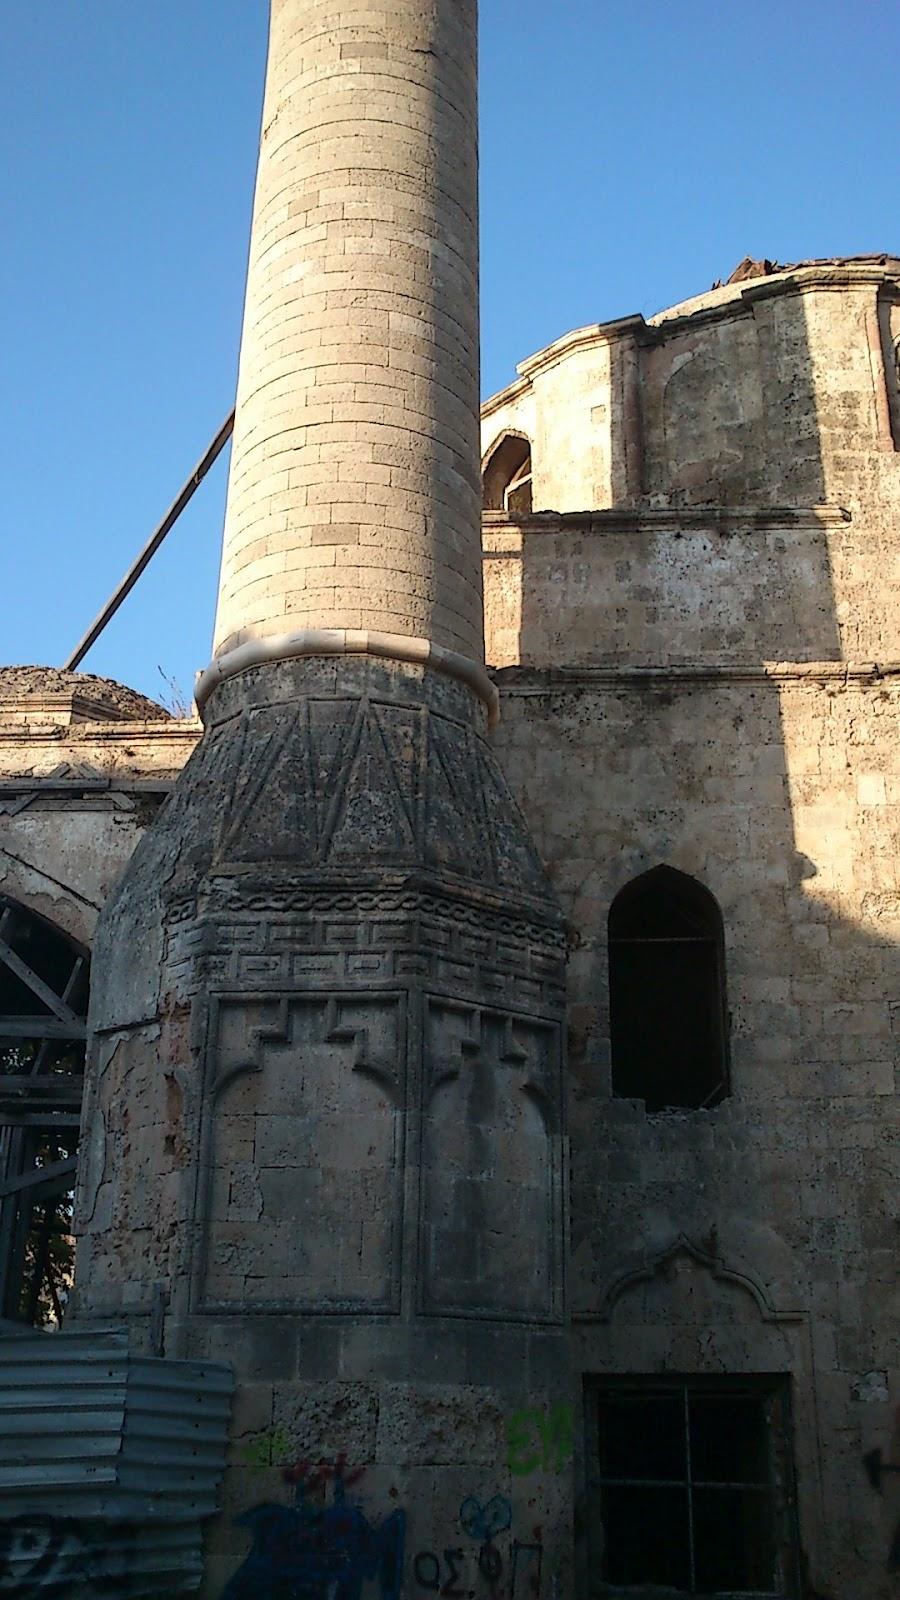 Τὸ τζαμὶ ποὺ καταπατᾶ Ἑλληνικὸ ναό!1